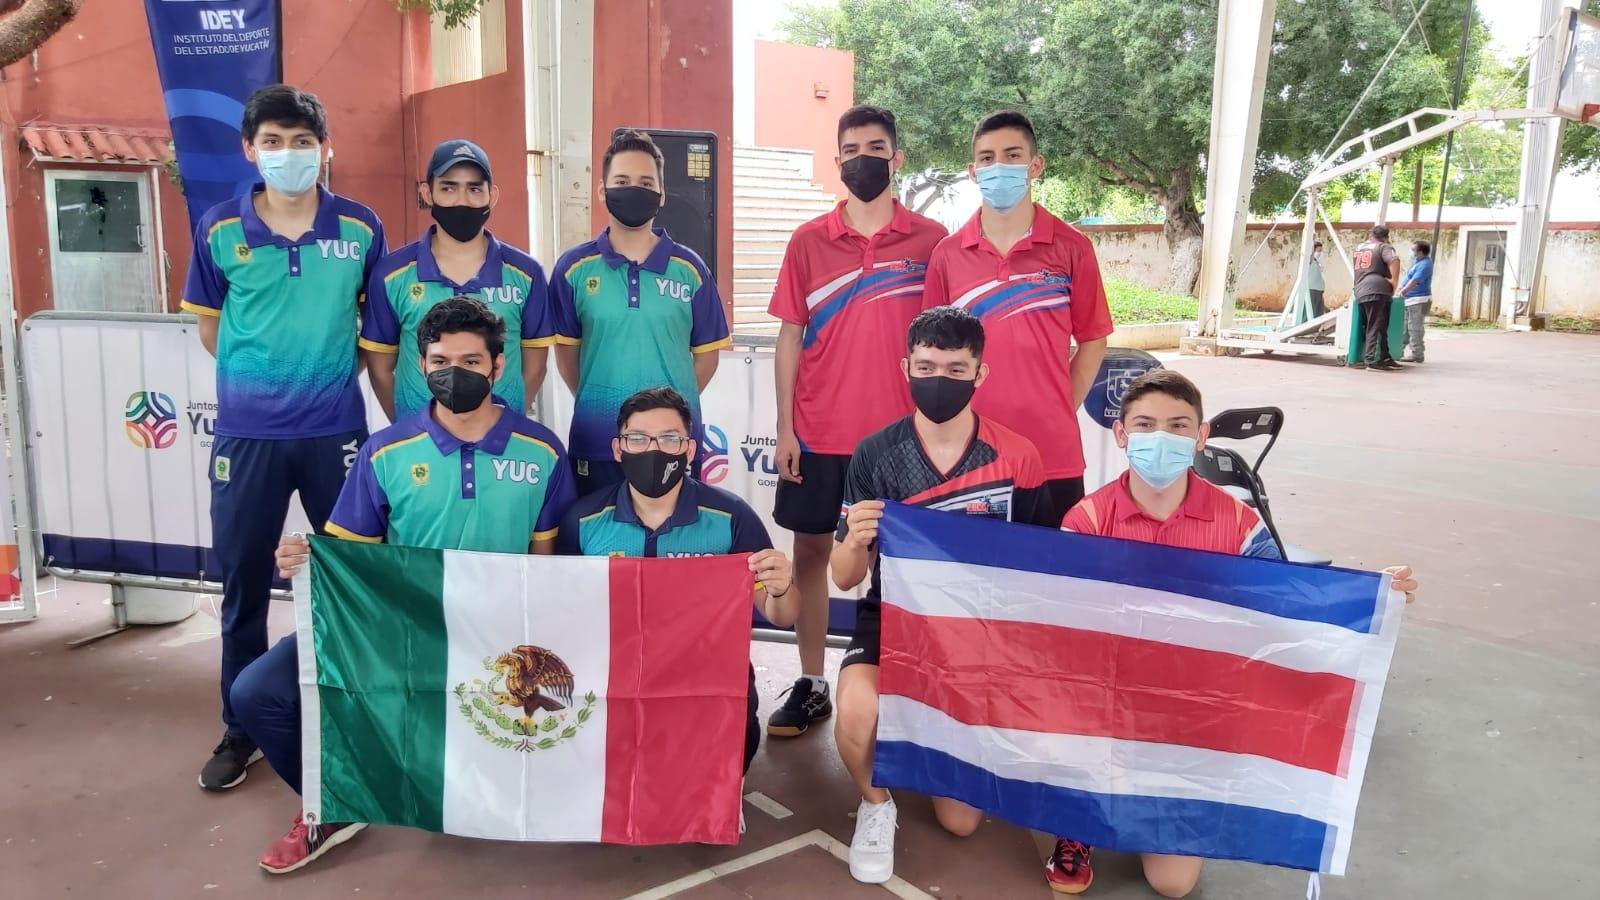 Cinco tenismesistas ticos realizan un campamento en México